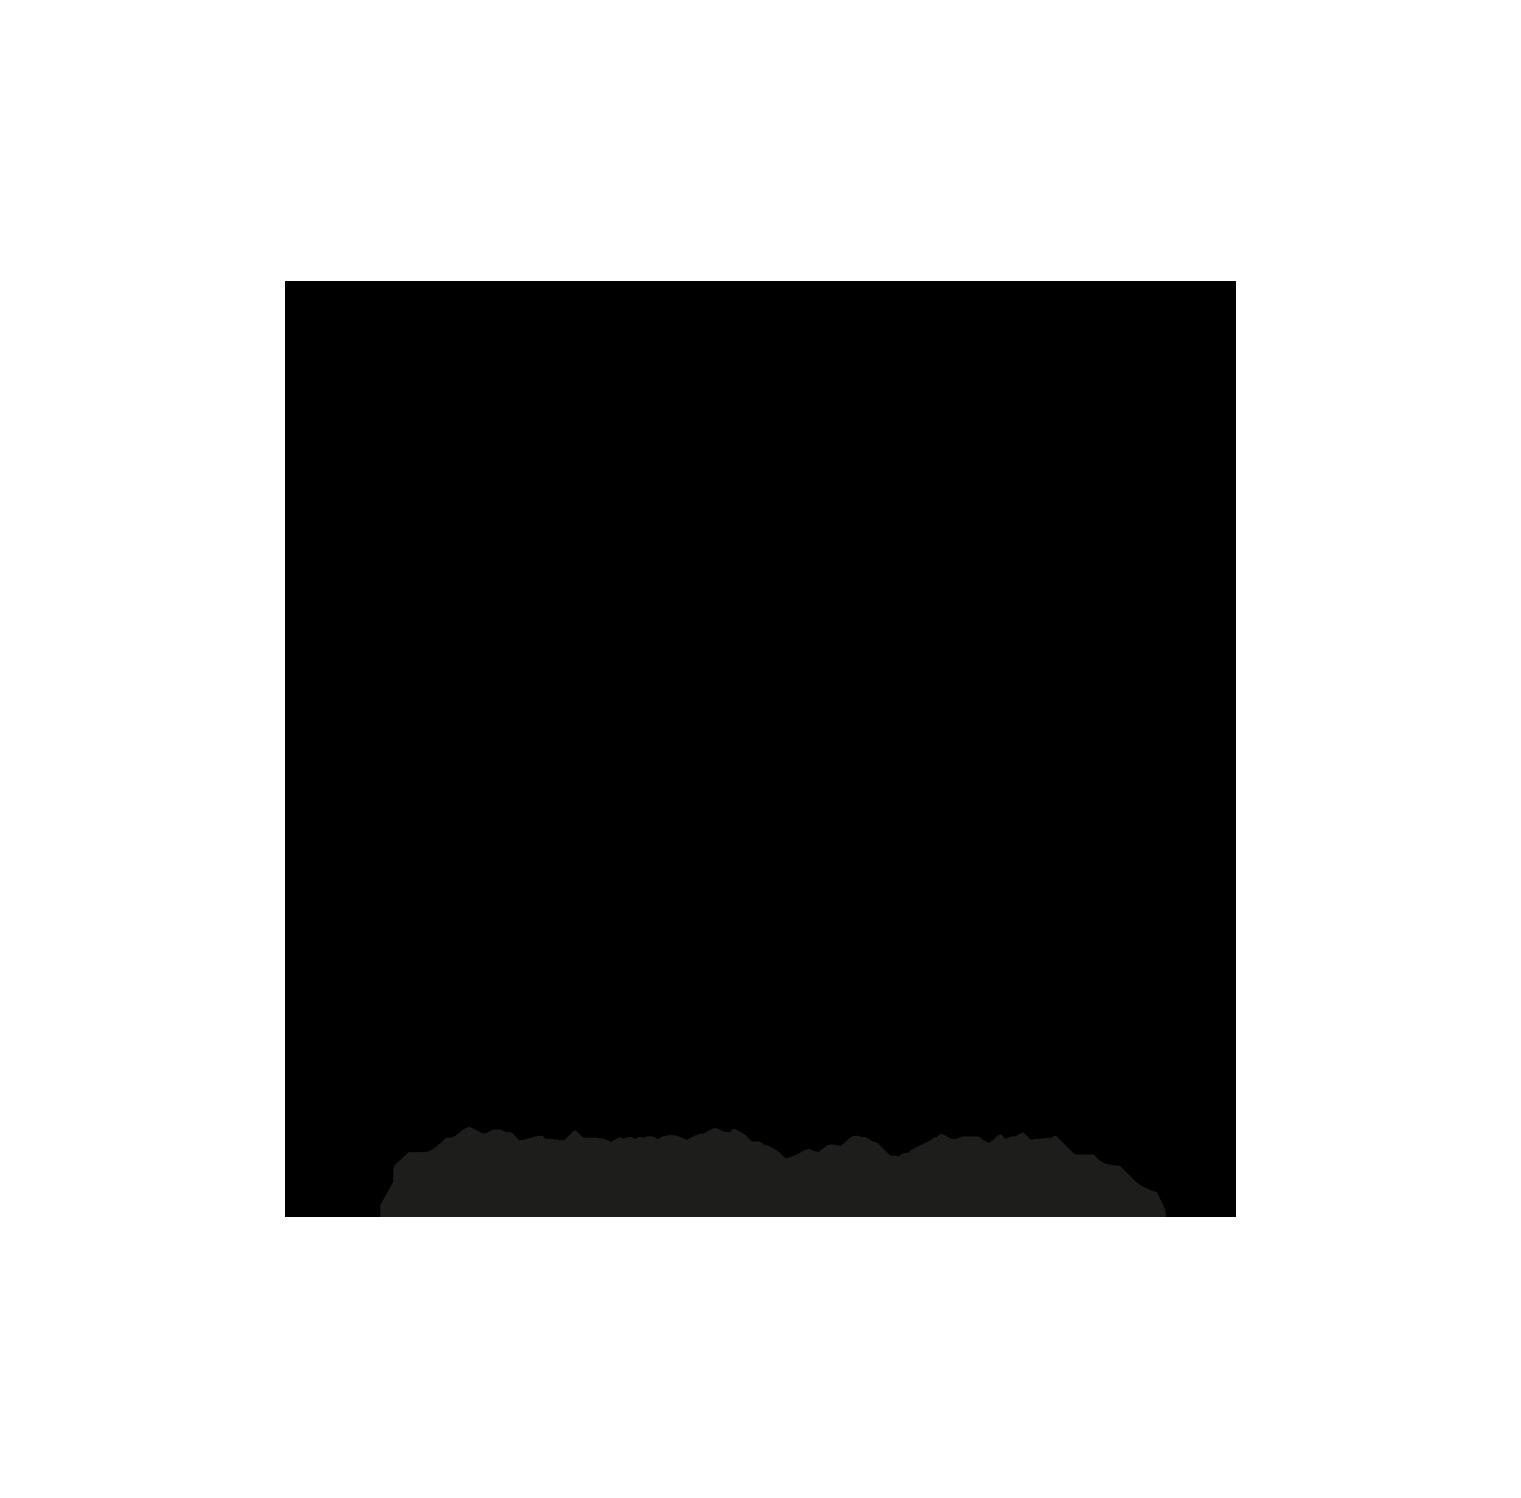 Trauerreden Würzburg - David Erlbacher